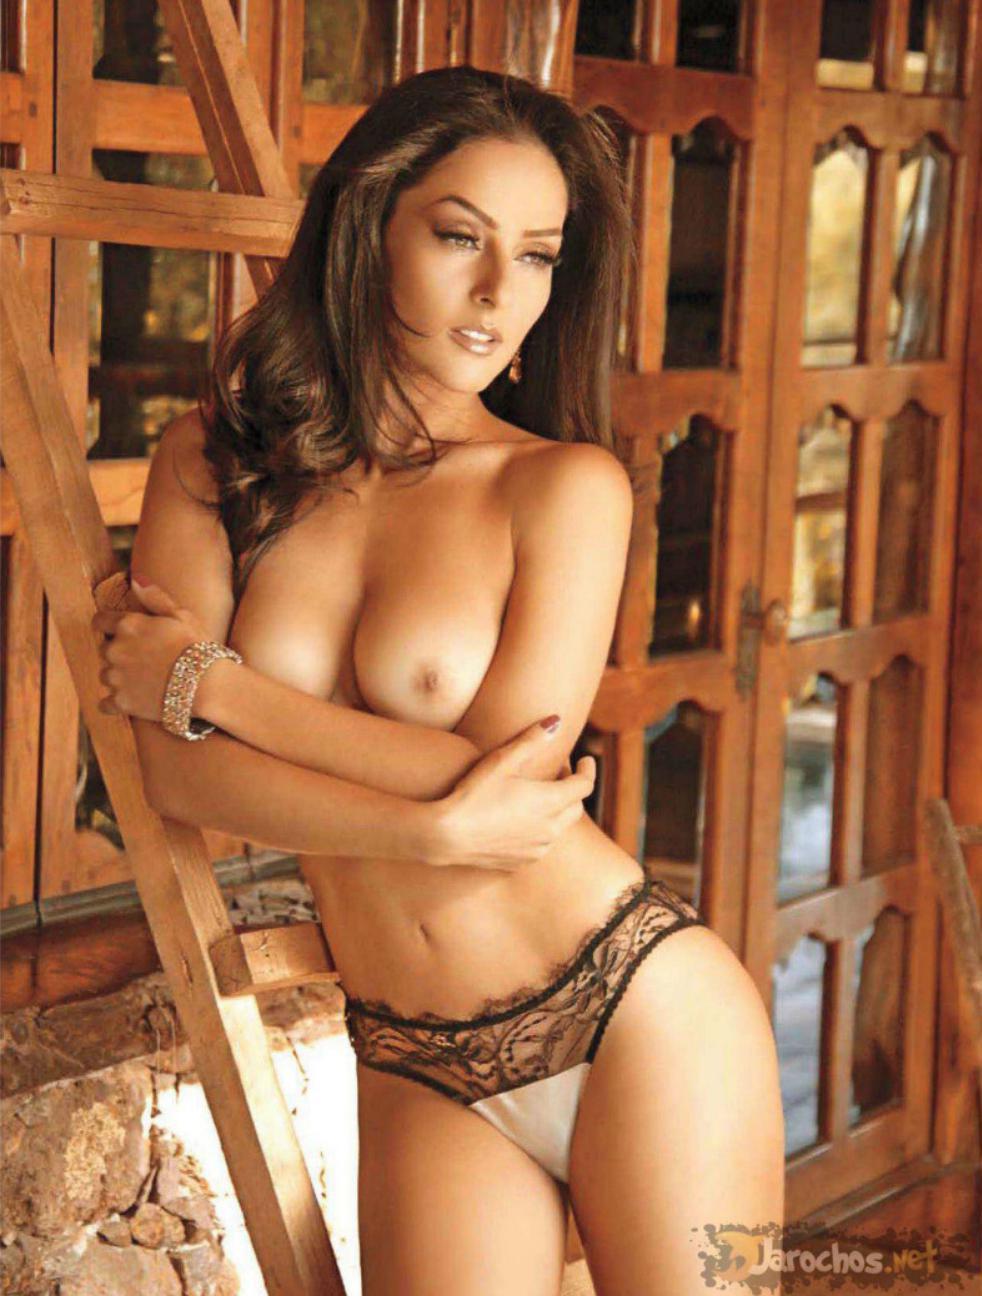 vídeo porn de Andrea Garcia sin ropa